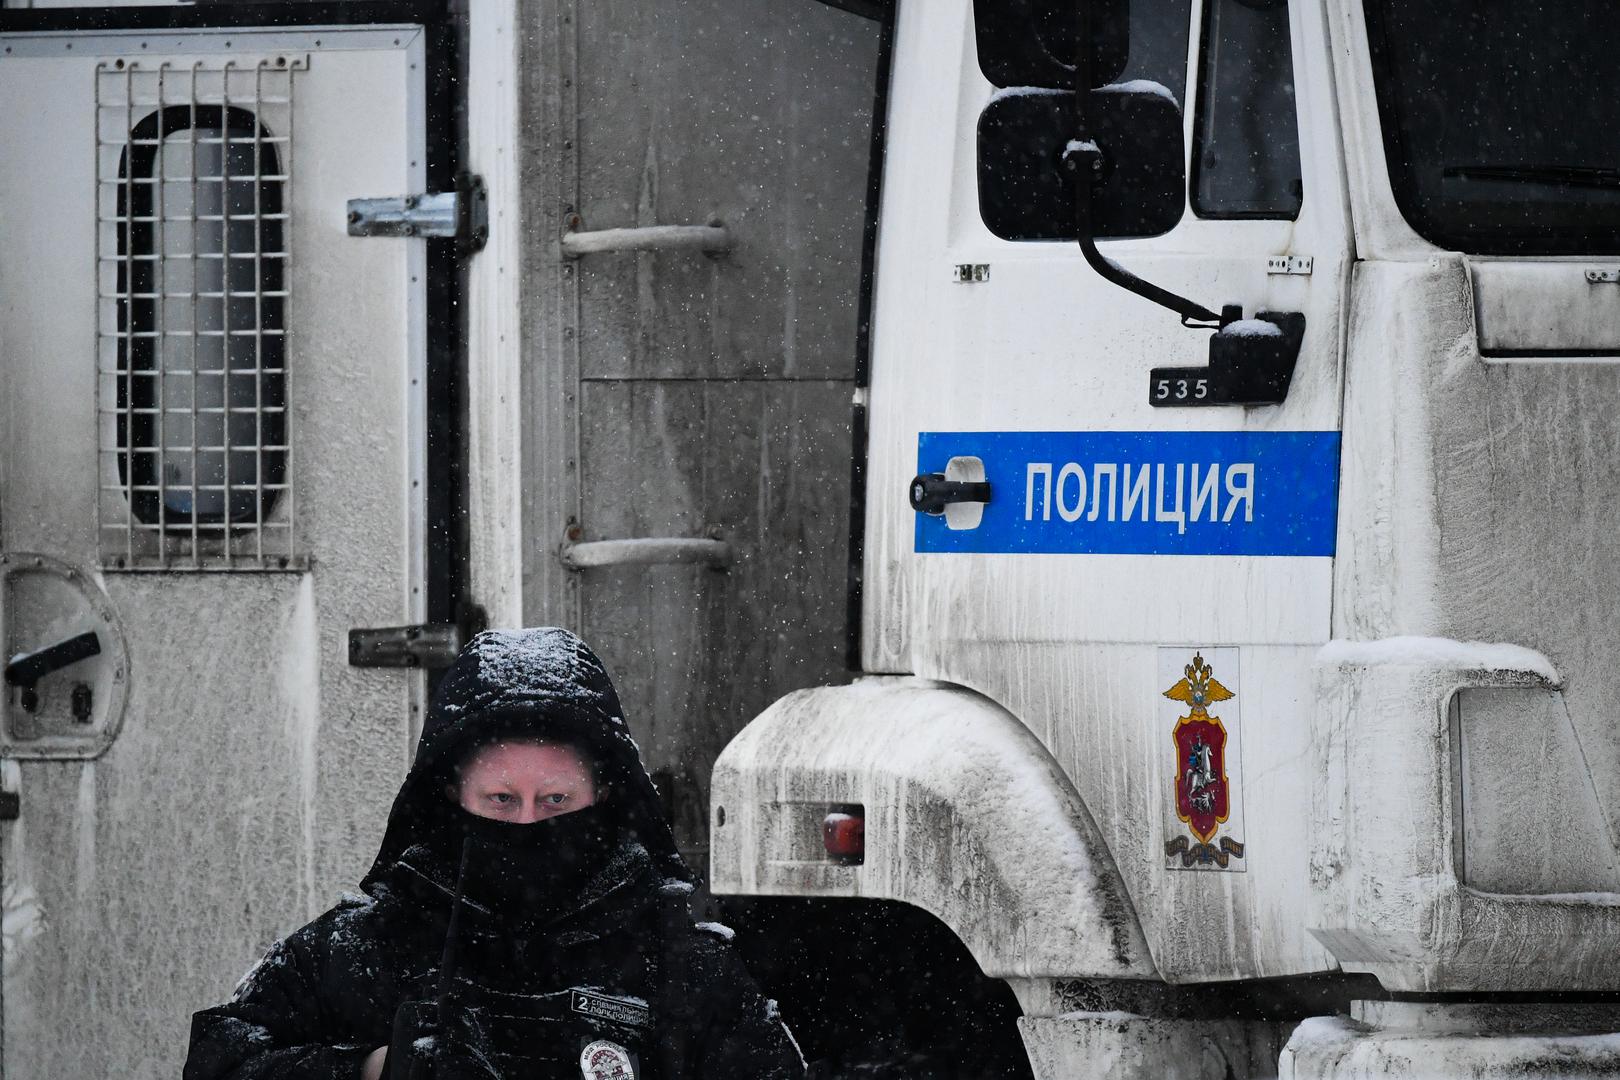 لمخالفتهم الأنظمة الوبائية..شرطة موسكو توقف 200 شخص خلال